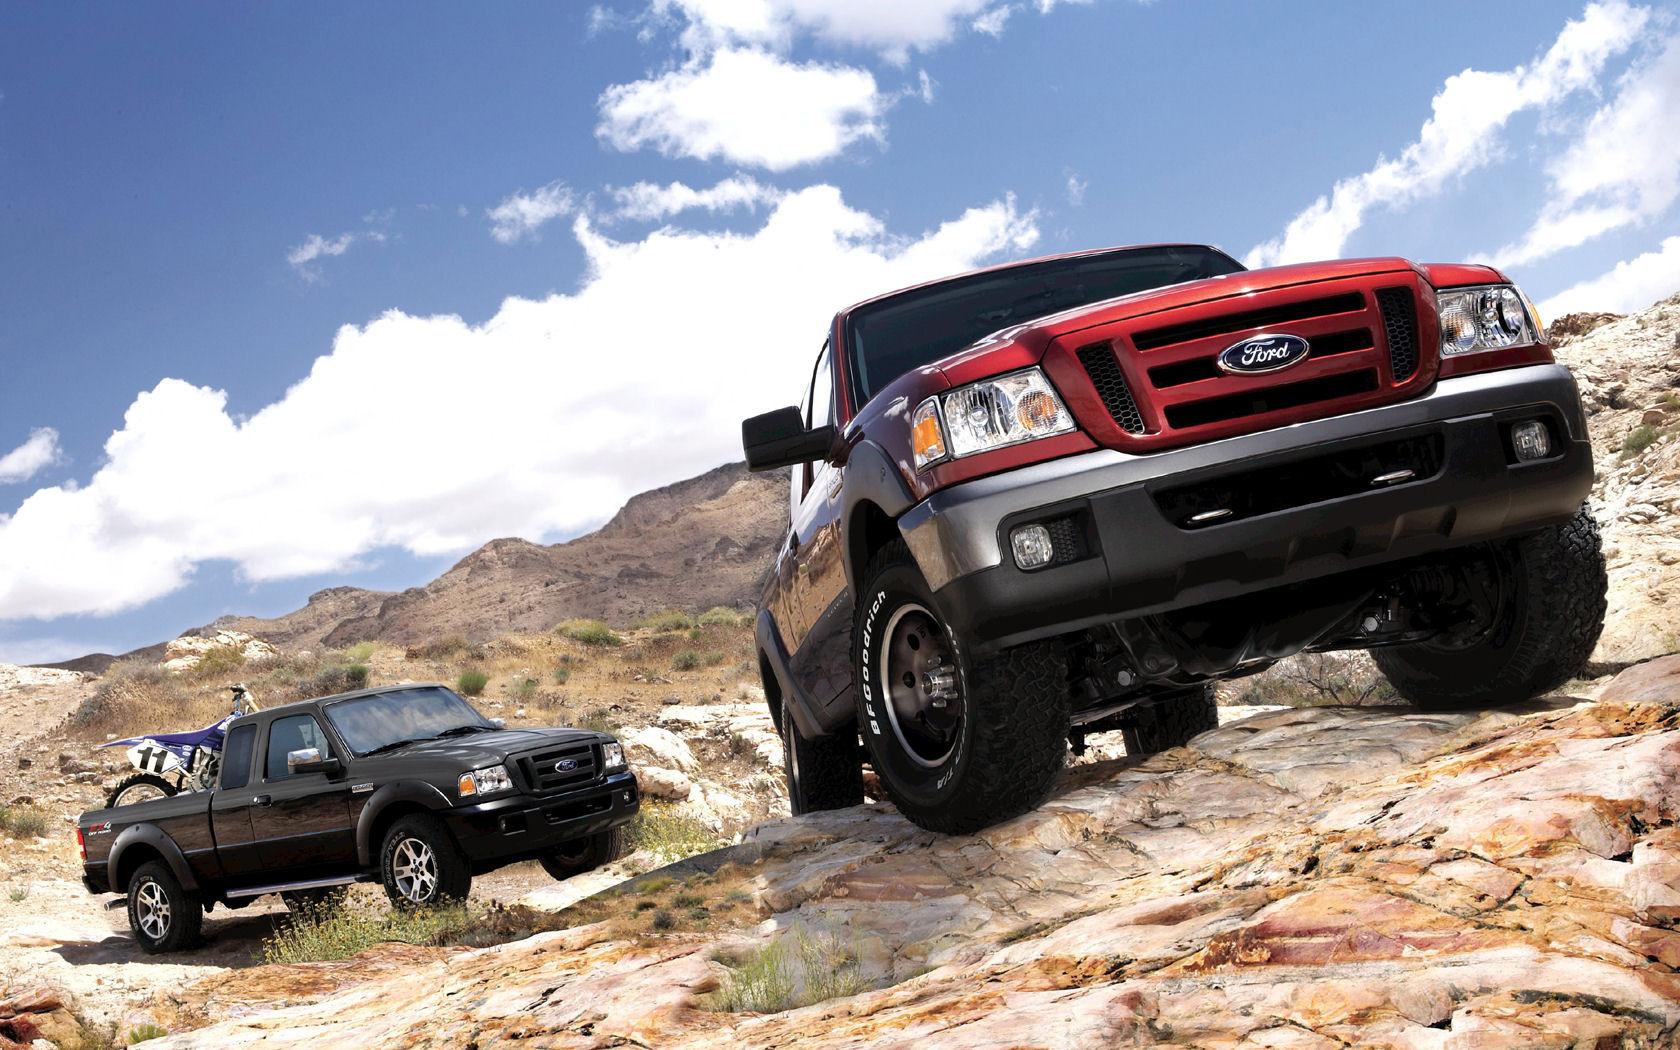 Ford Ranger Xl Xlt Sport Awd Free Widescreen Wallpaper